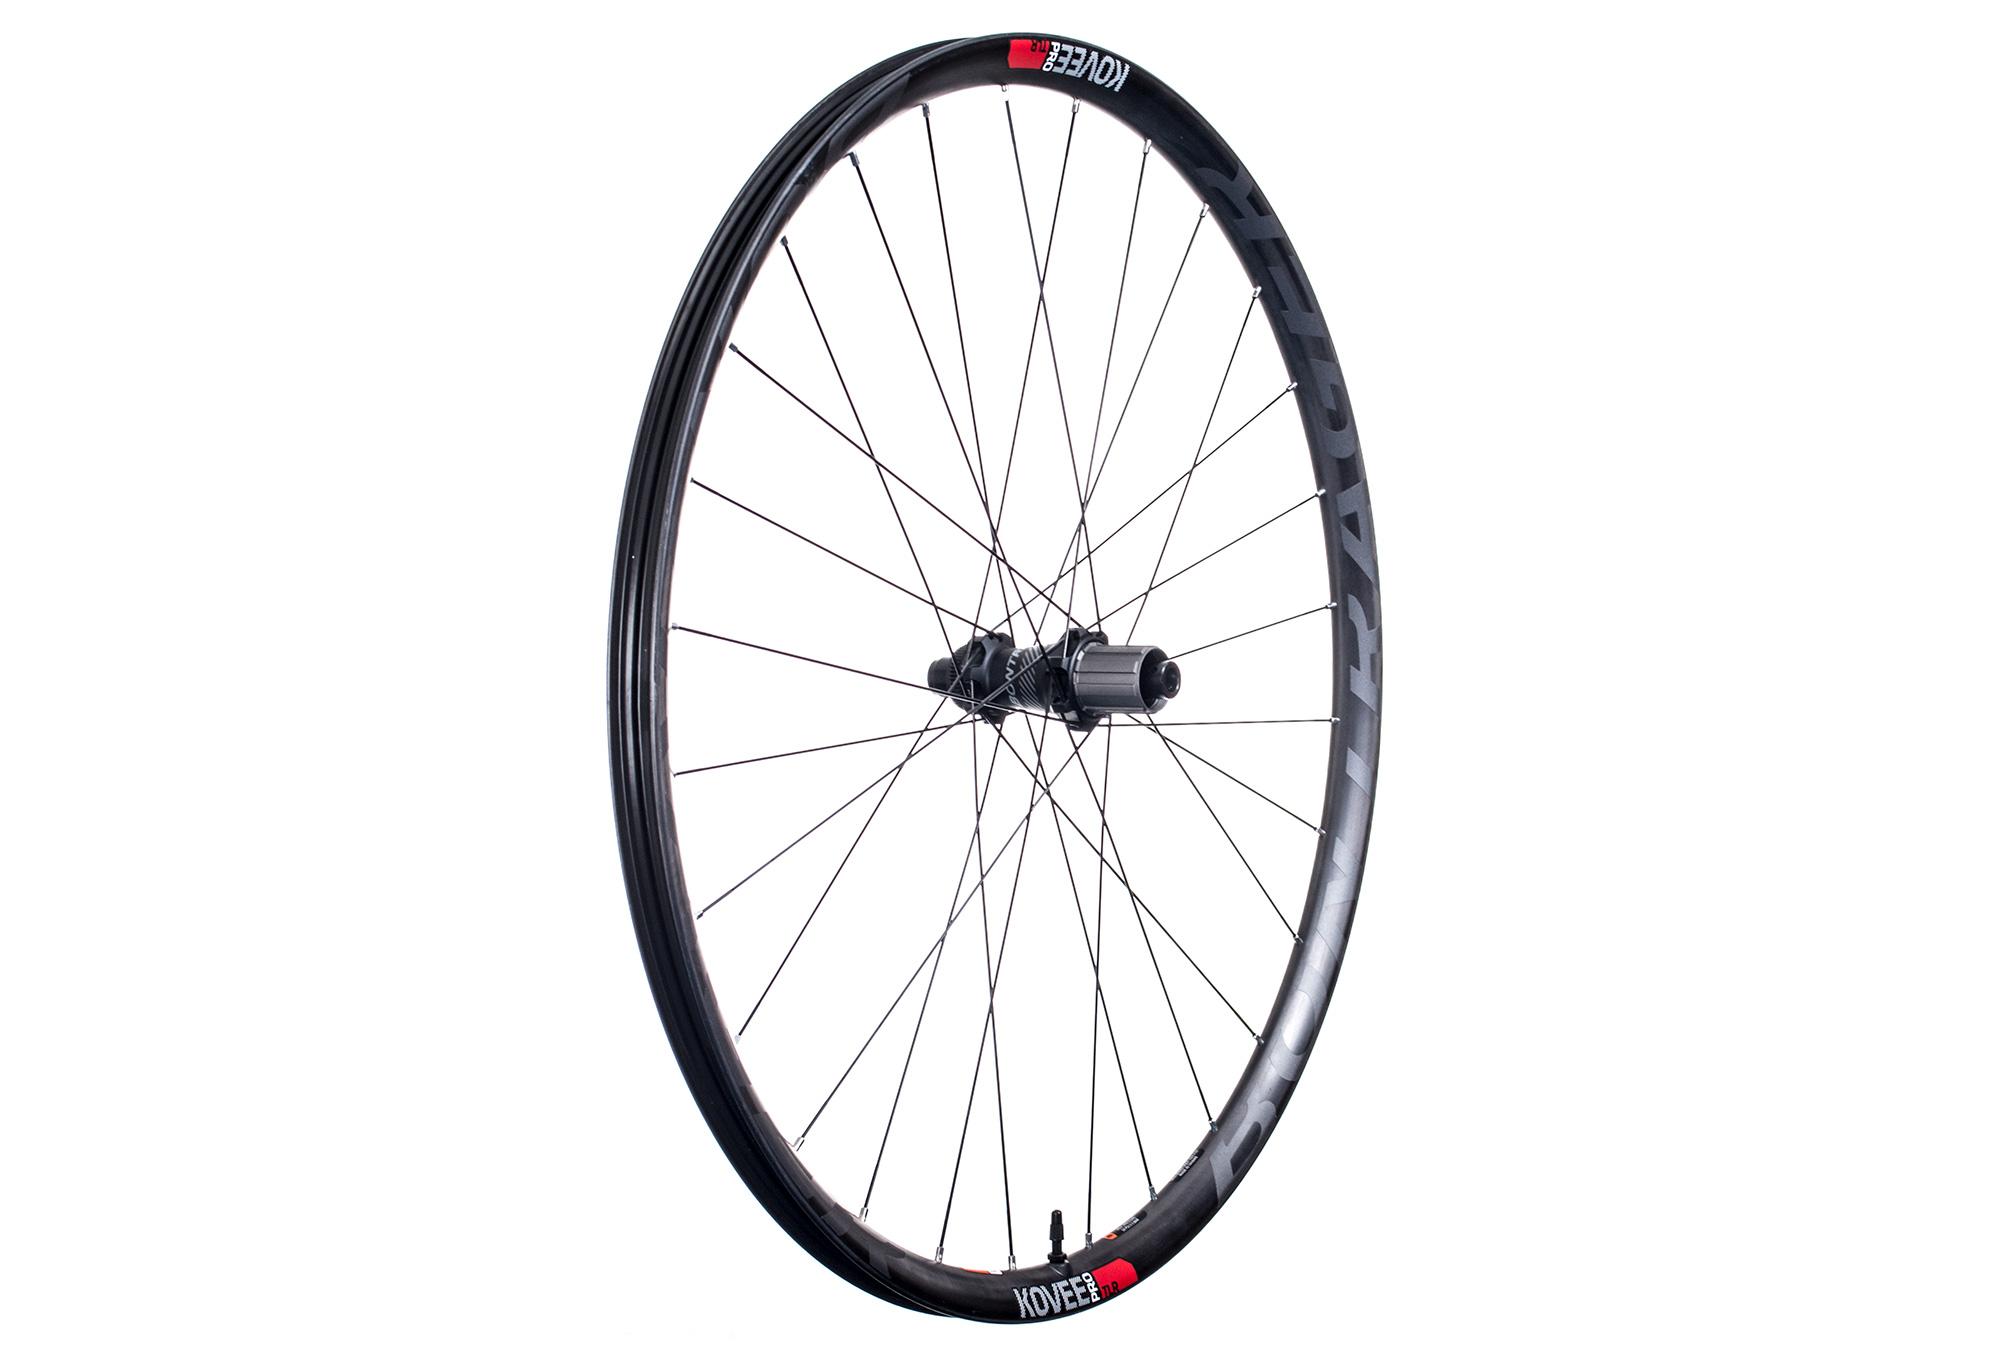 BONTRAGER 2017 Rear Wheel KOVEE PRO Carbon 29'' TLR Boost